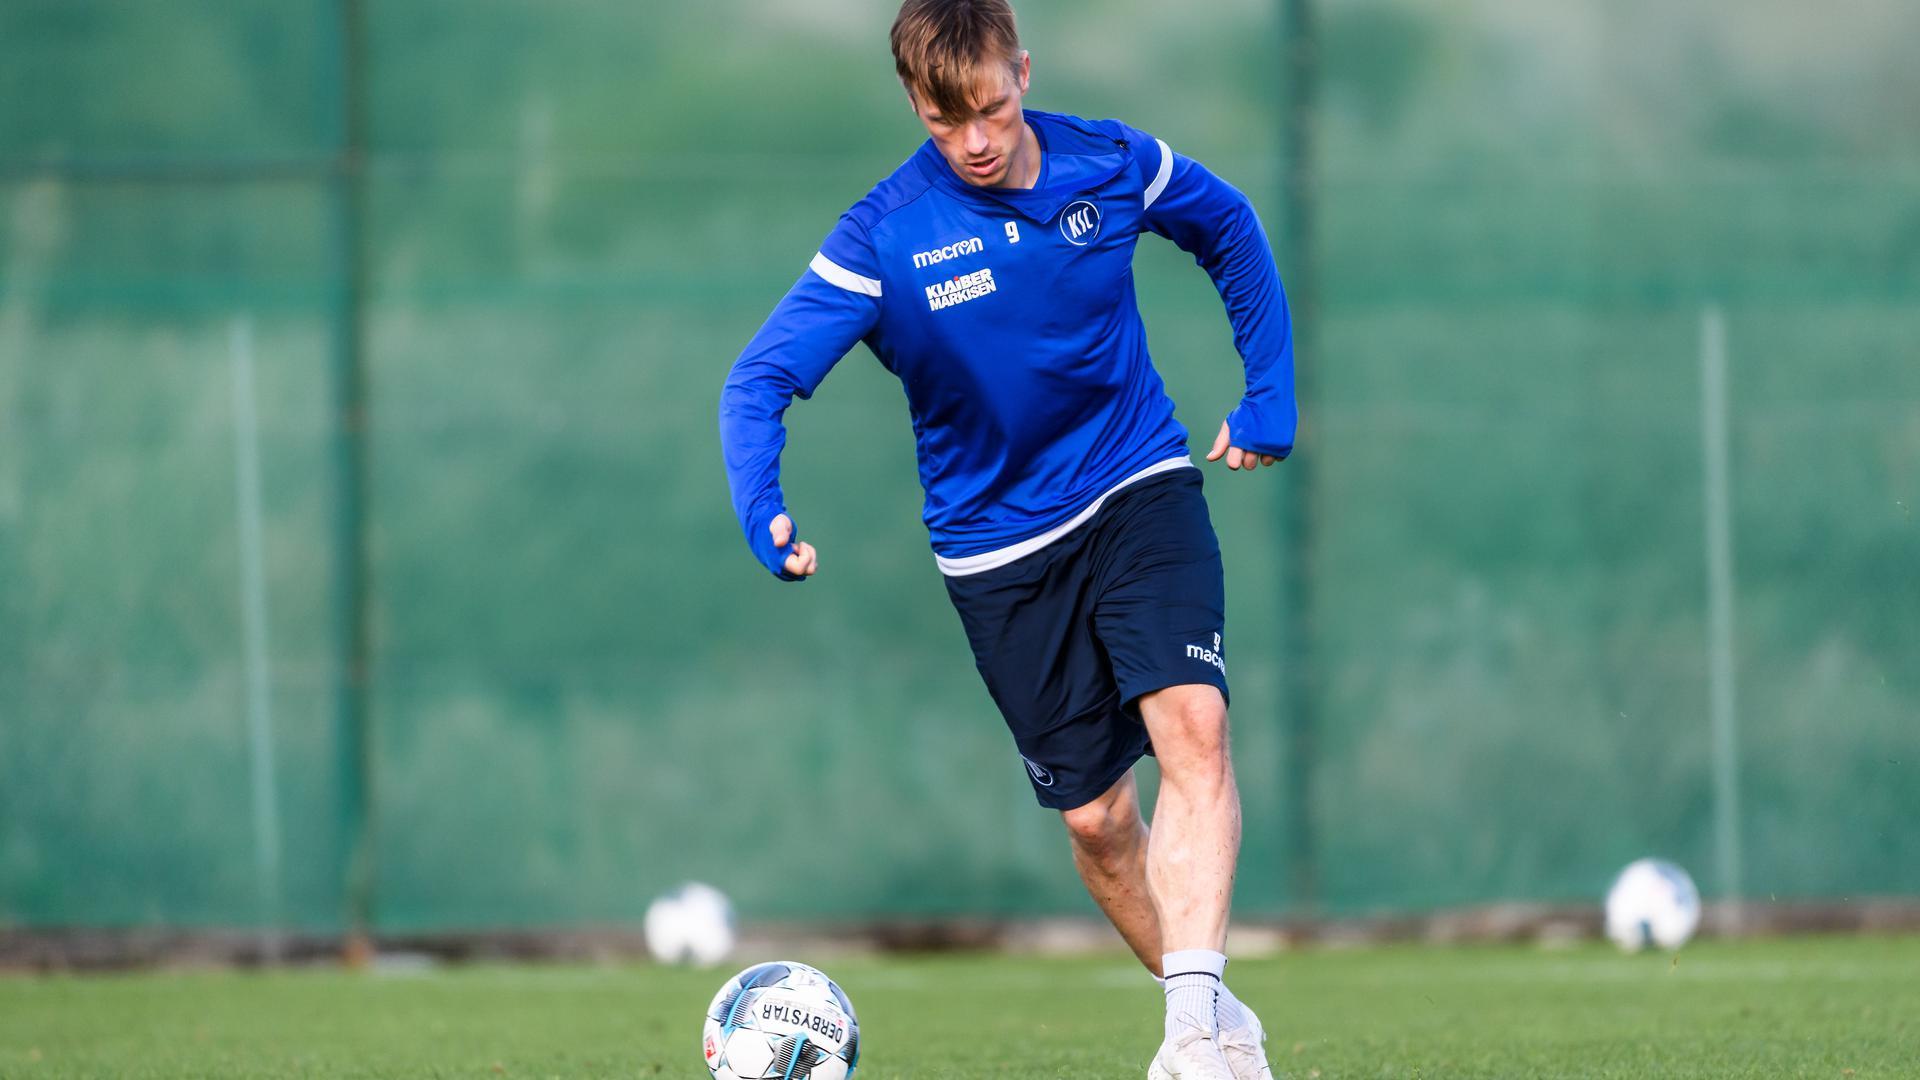 Könnte zum FCK: KSC-Stürmer Marvin Pourié möchte wieder Tore schießen. Beim KSC darf er das nur im Training.